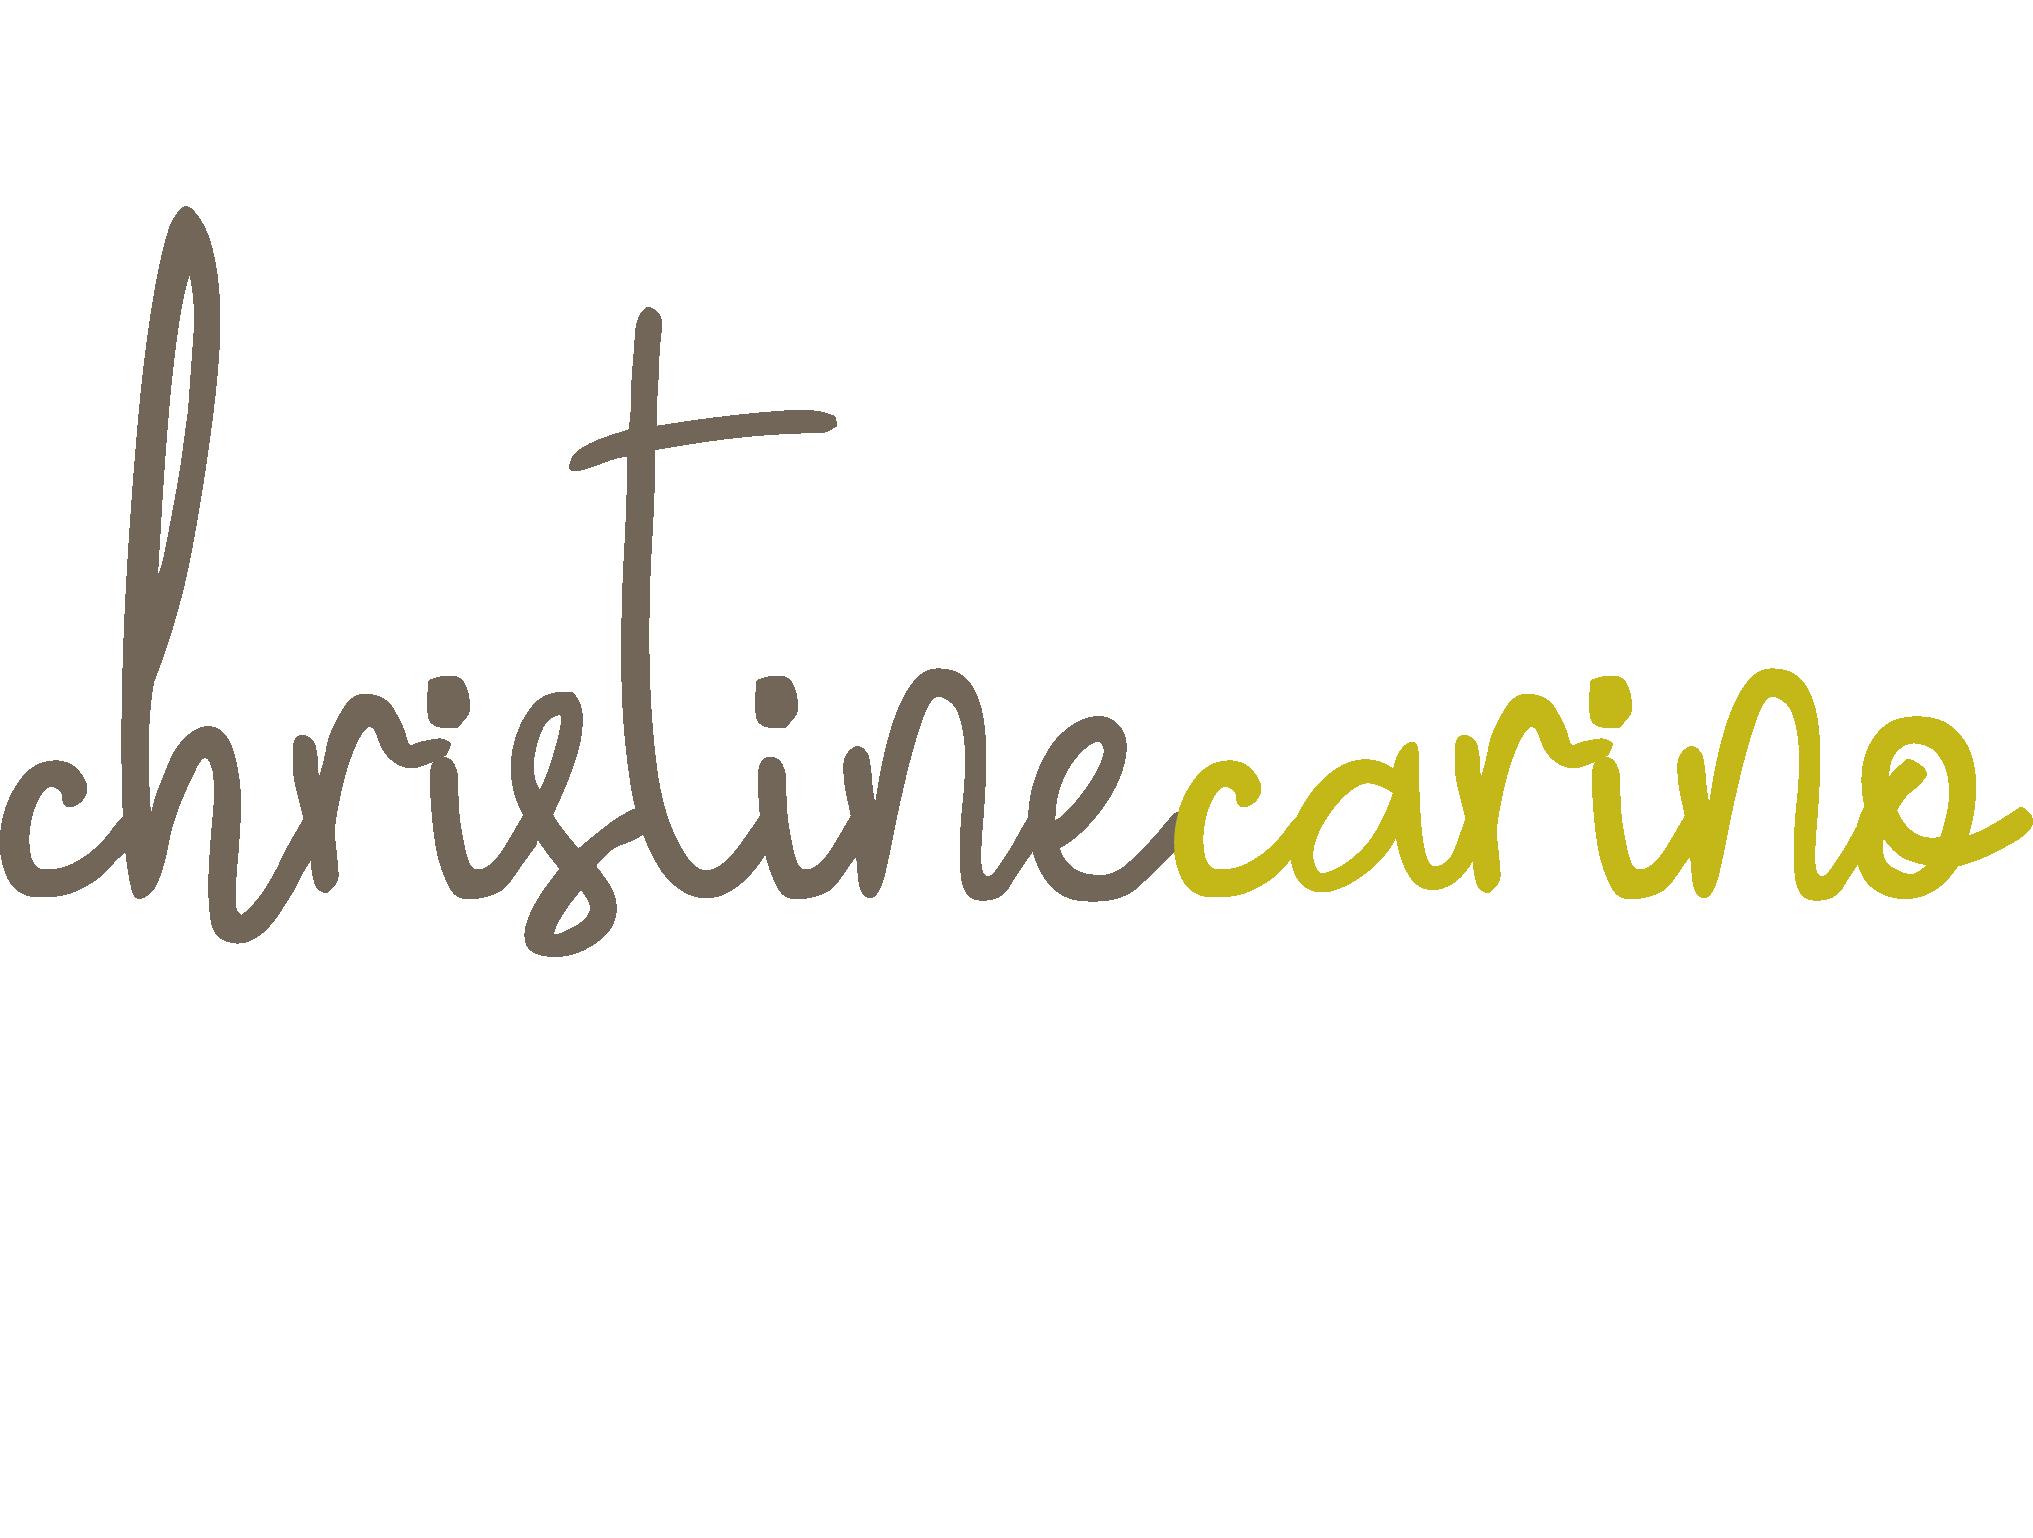 Christine Carino | Visual Artist + Designer